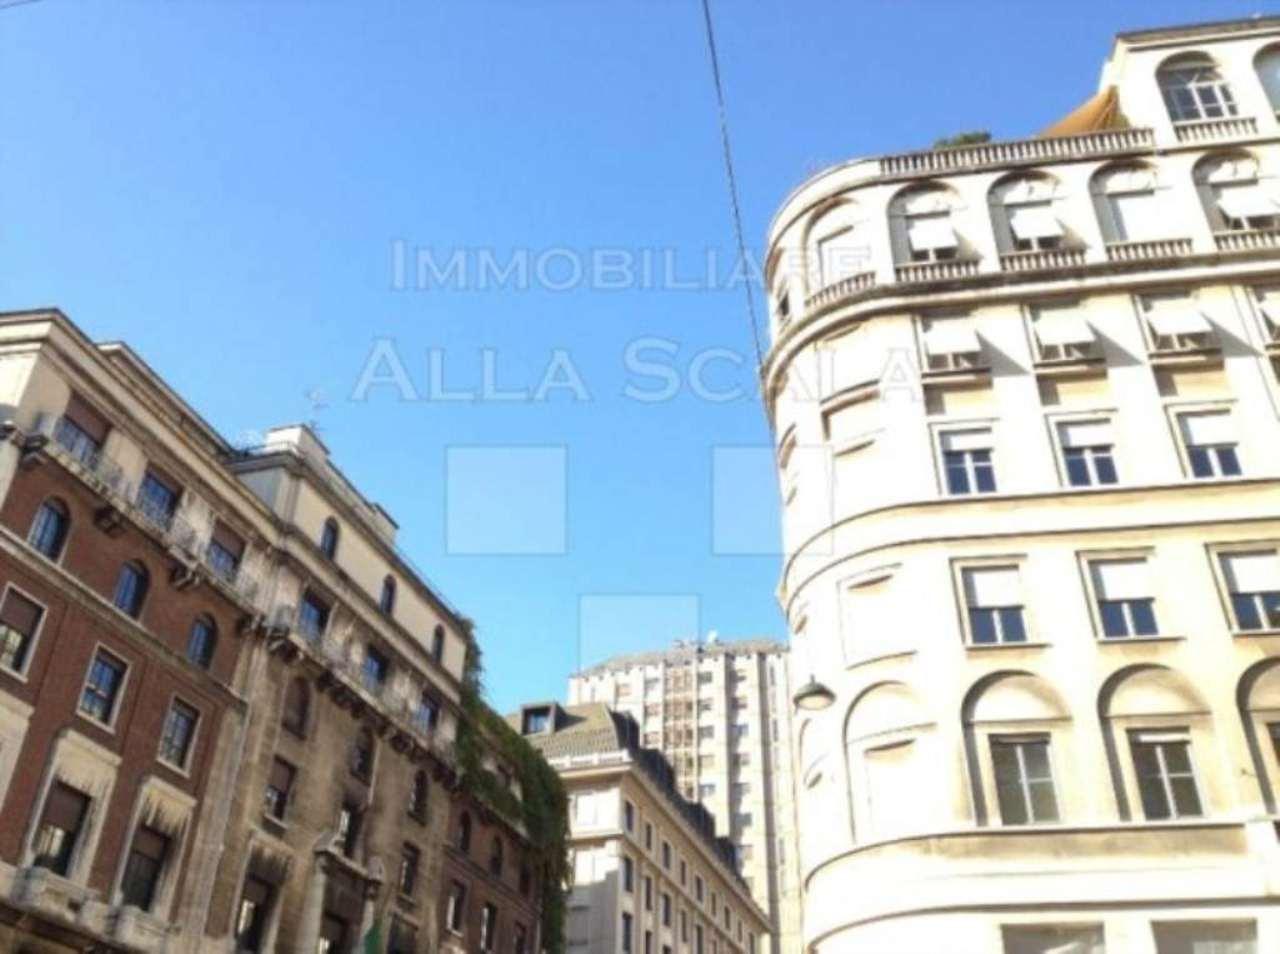 Appartamento in affitto a Milano, 4 locali, zona Zona: 1 . Centro Storico, Duomo, Brera, Cadorna, Cattolica, prezzo € 2.330 | Cambio Casa.it